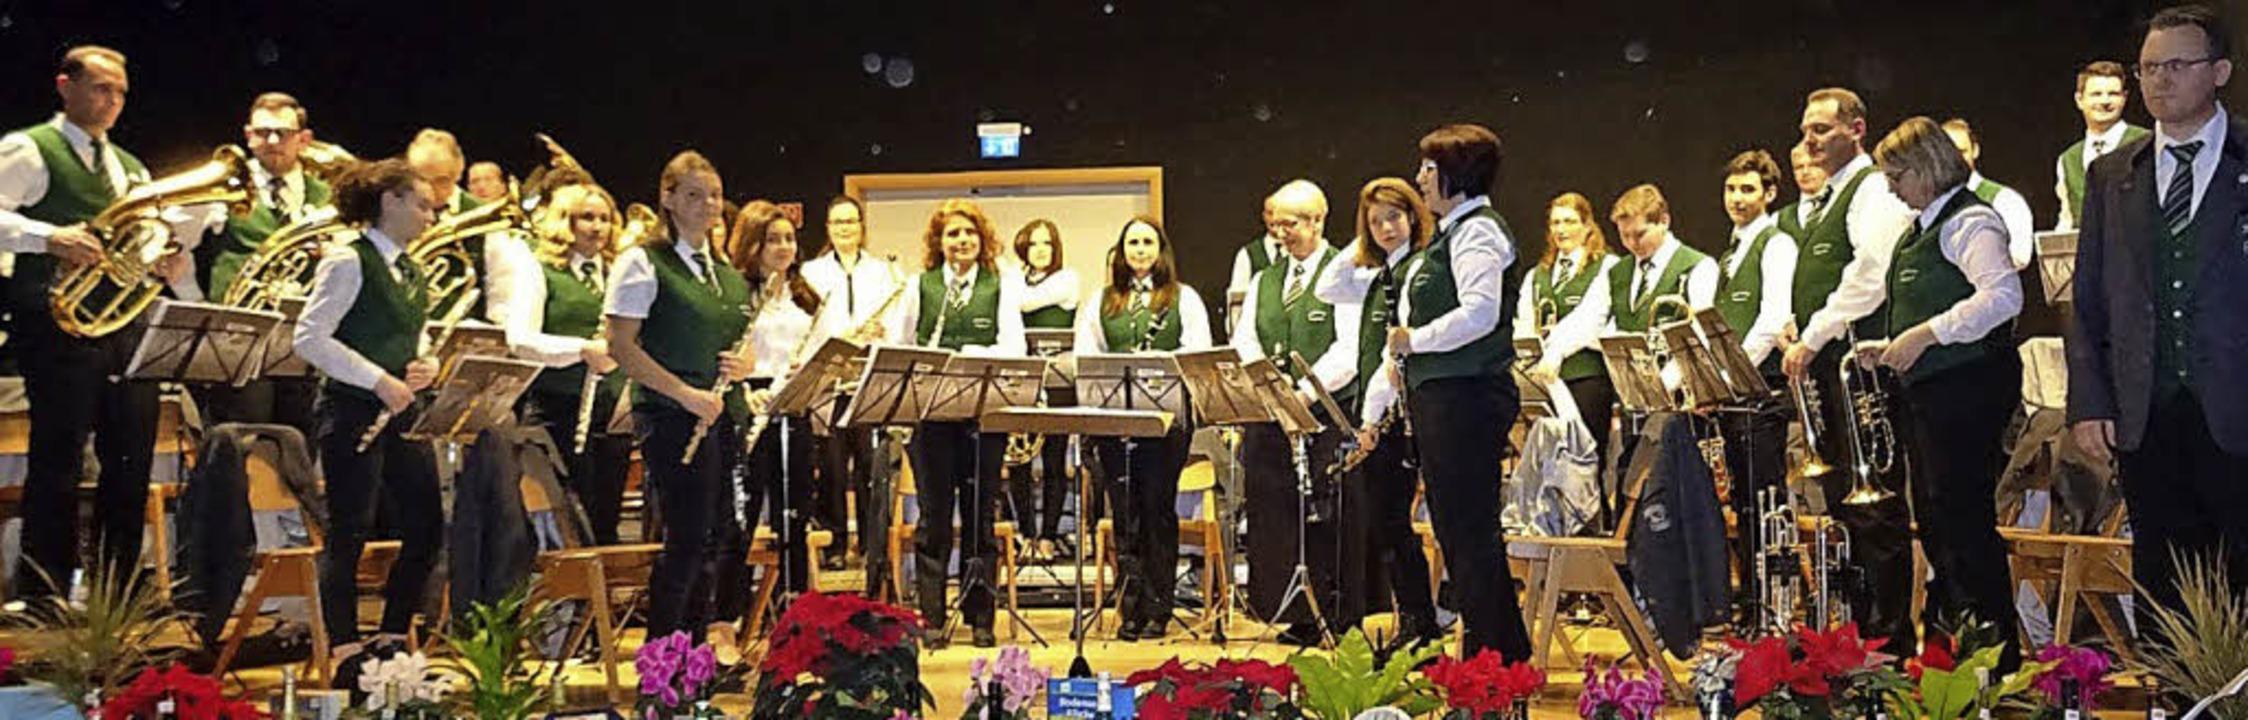 Jochen Schwenk (ganz rechts) an seinem...skonzert mit dem Musikverein Feldkirch  | Foto: Privat